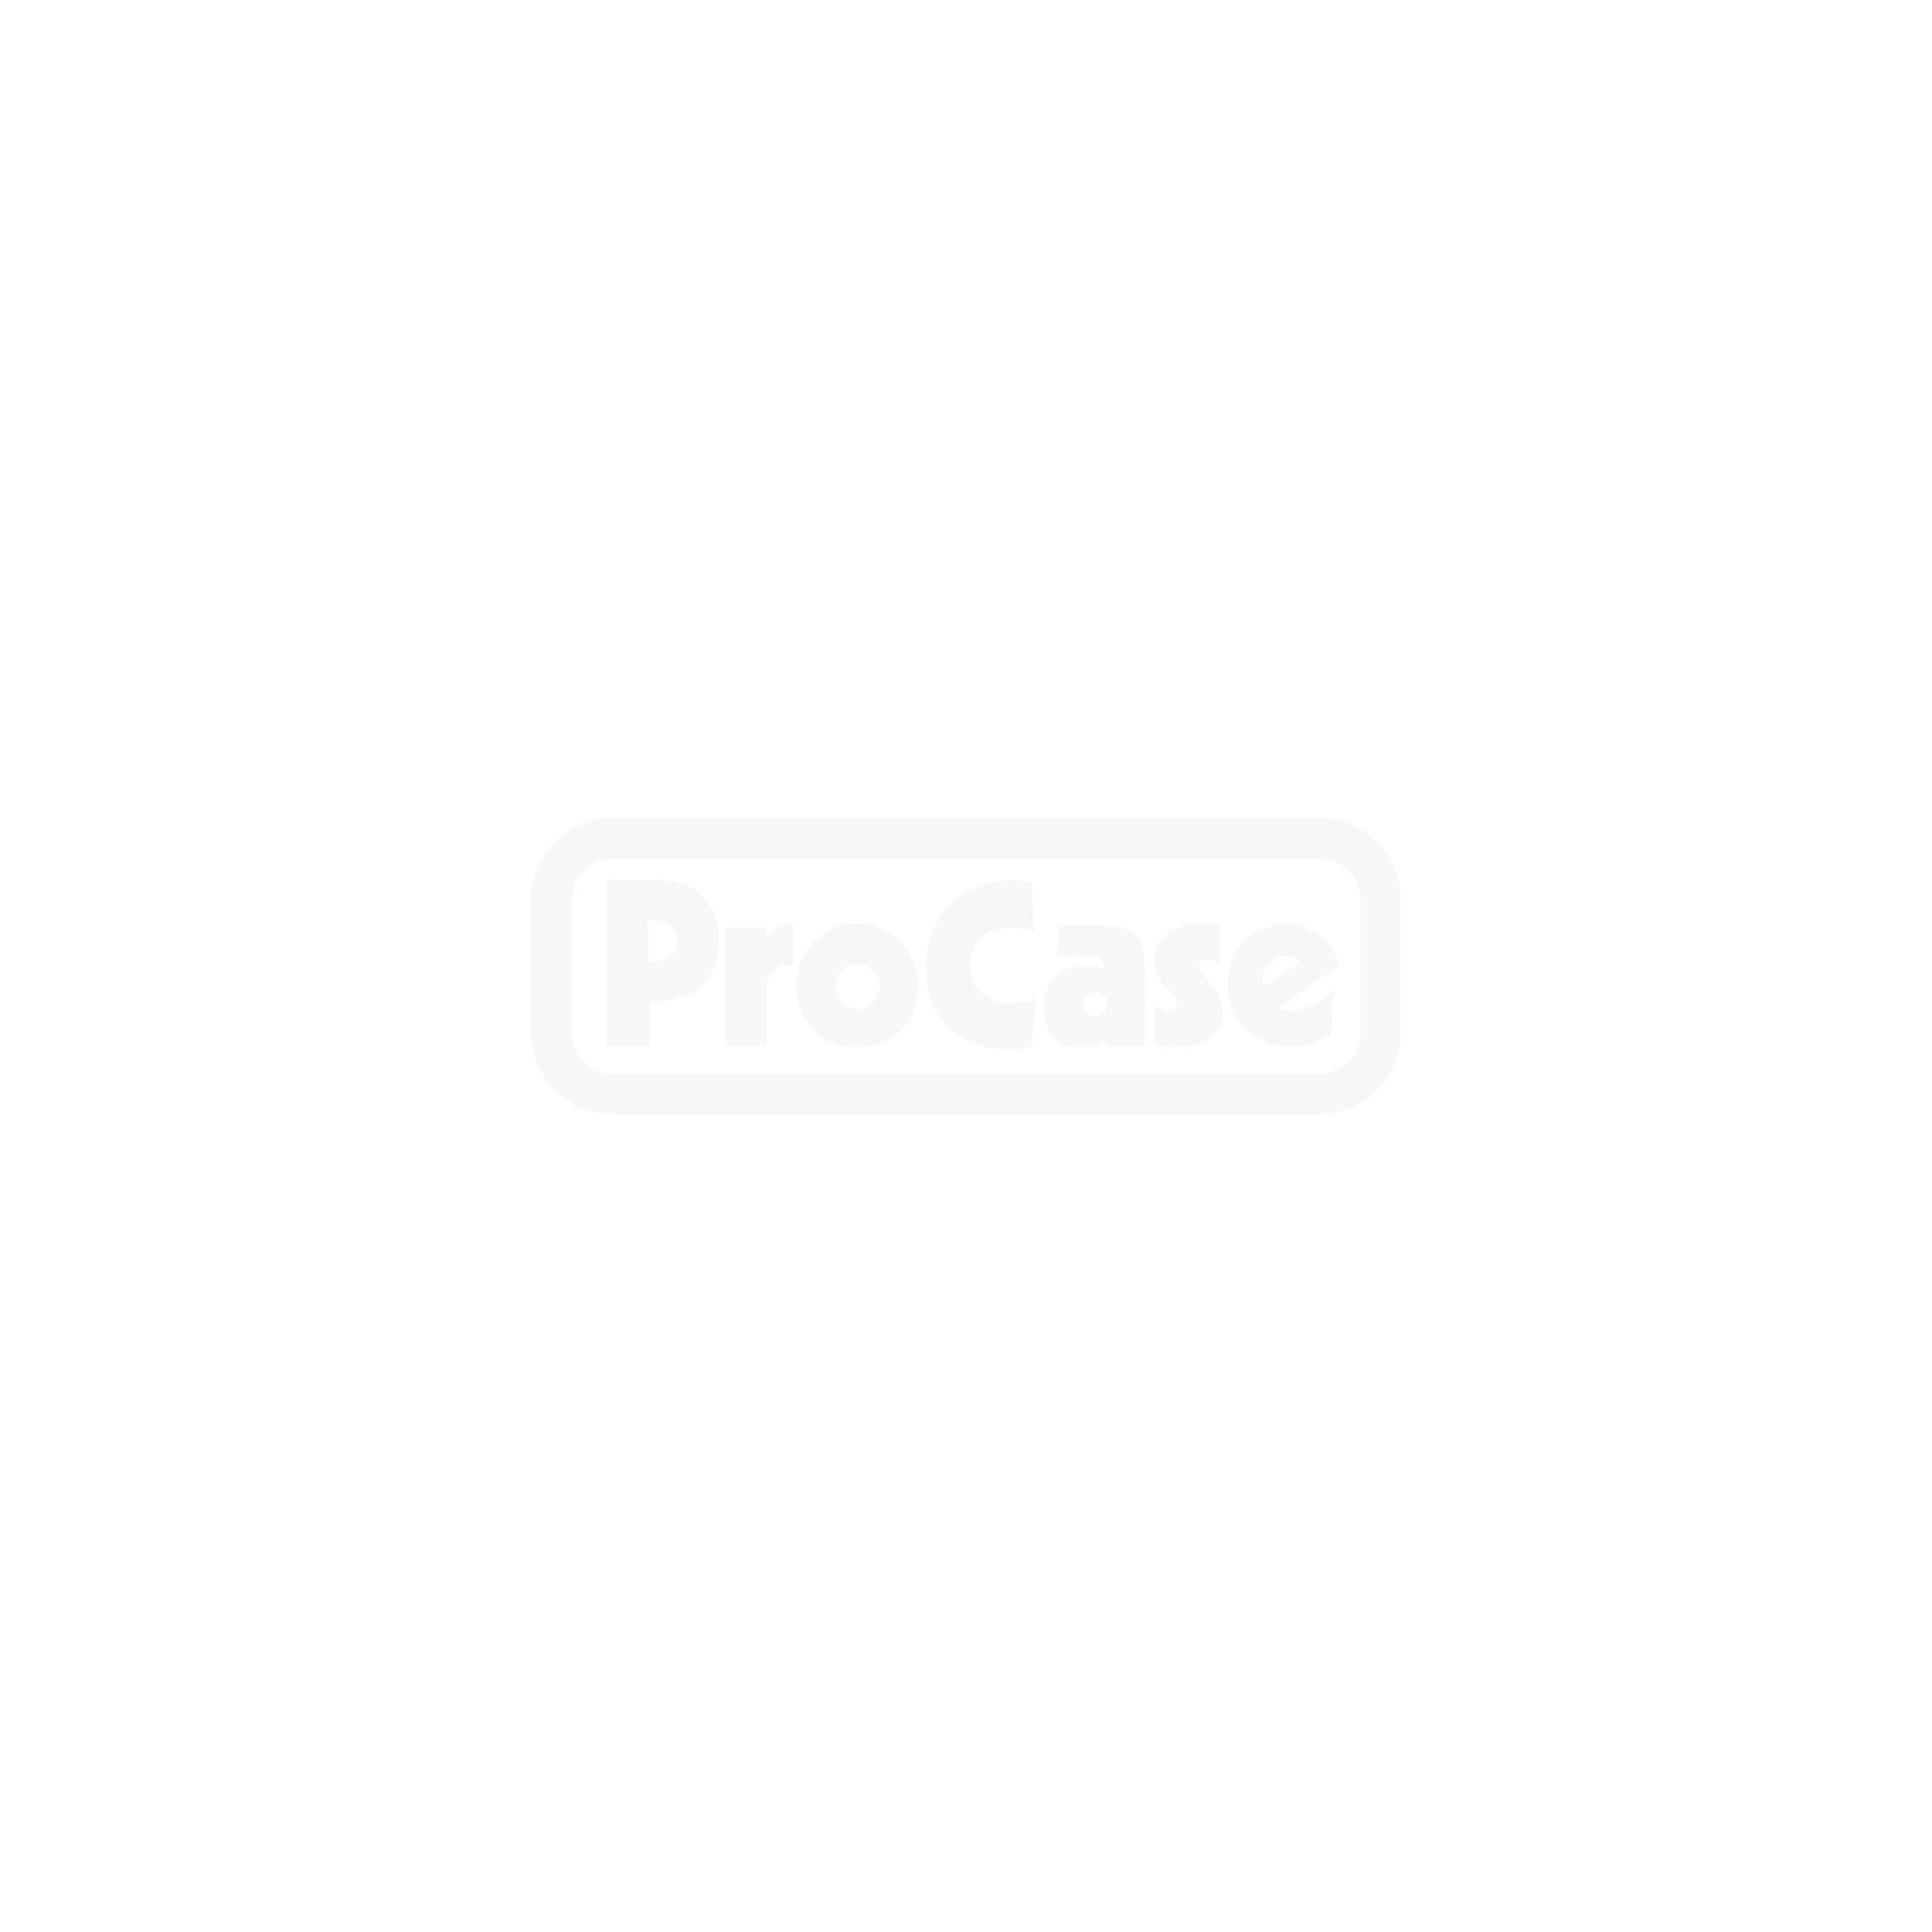 Packcase 4 mit Trolley und 4 Einschüben (Deckelvariante)